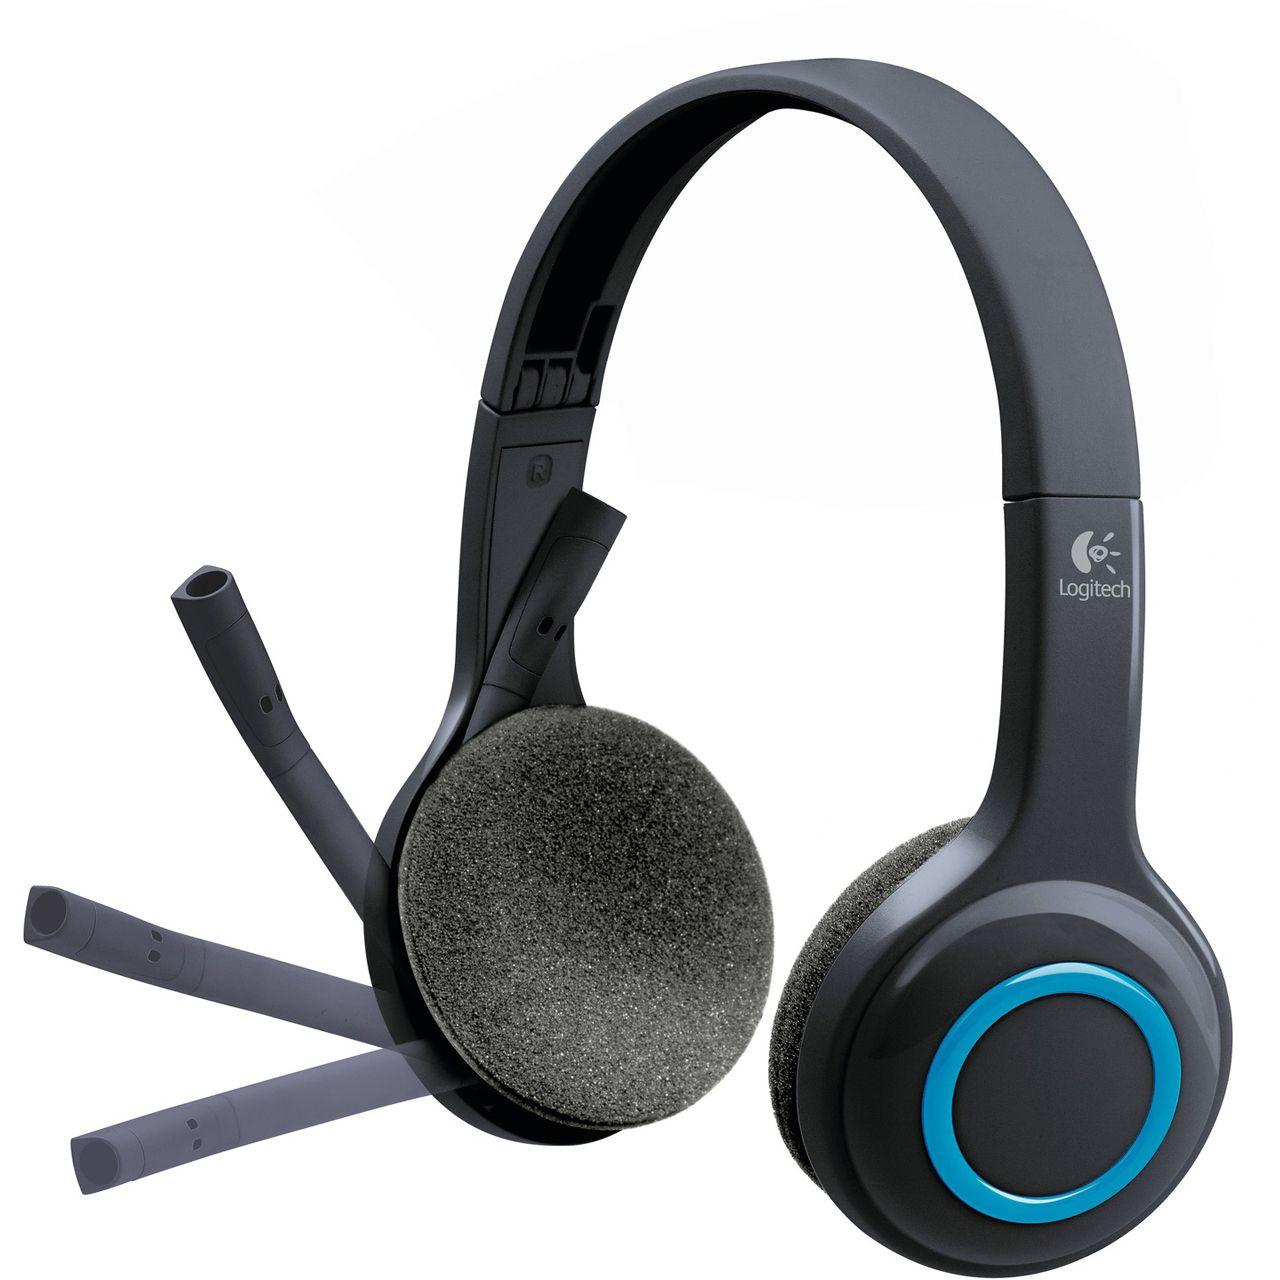 logitech h600 grau headsets kabellos. Black Bedroom Furniture Sets. Home Design Ideas